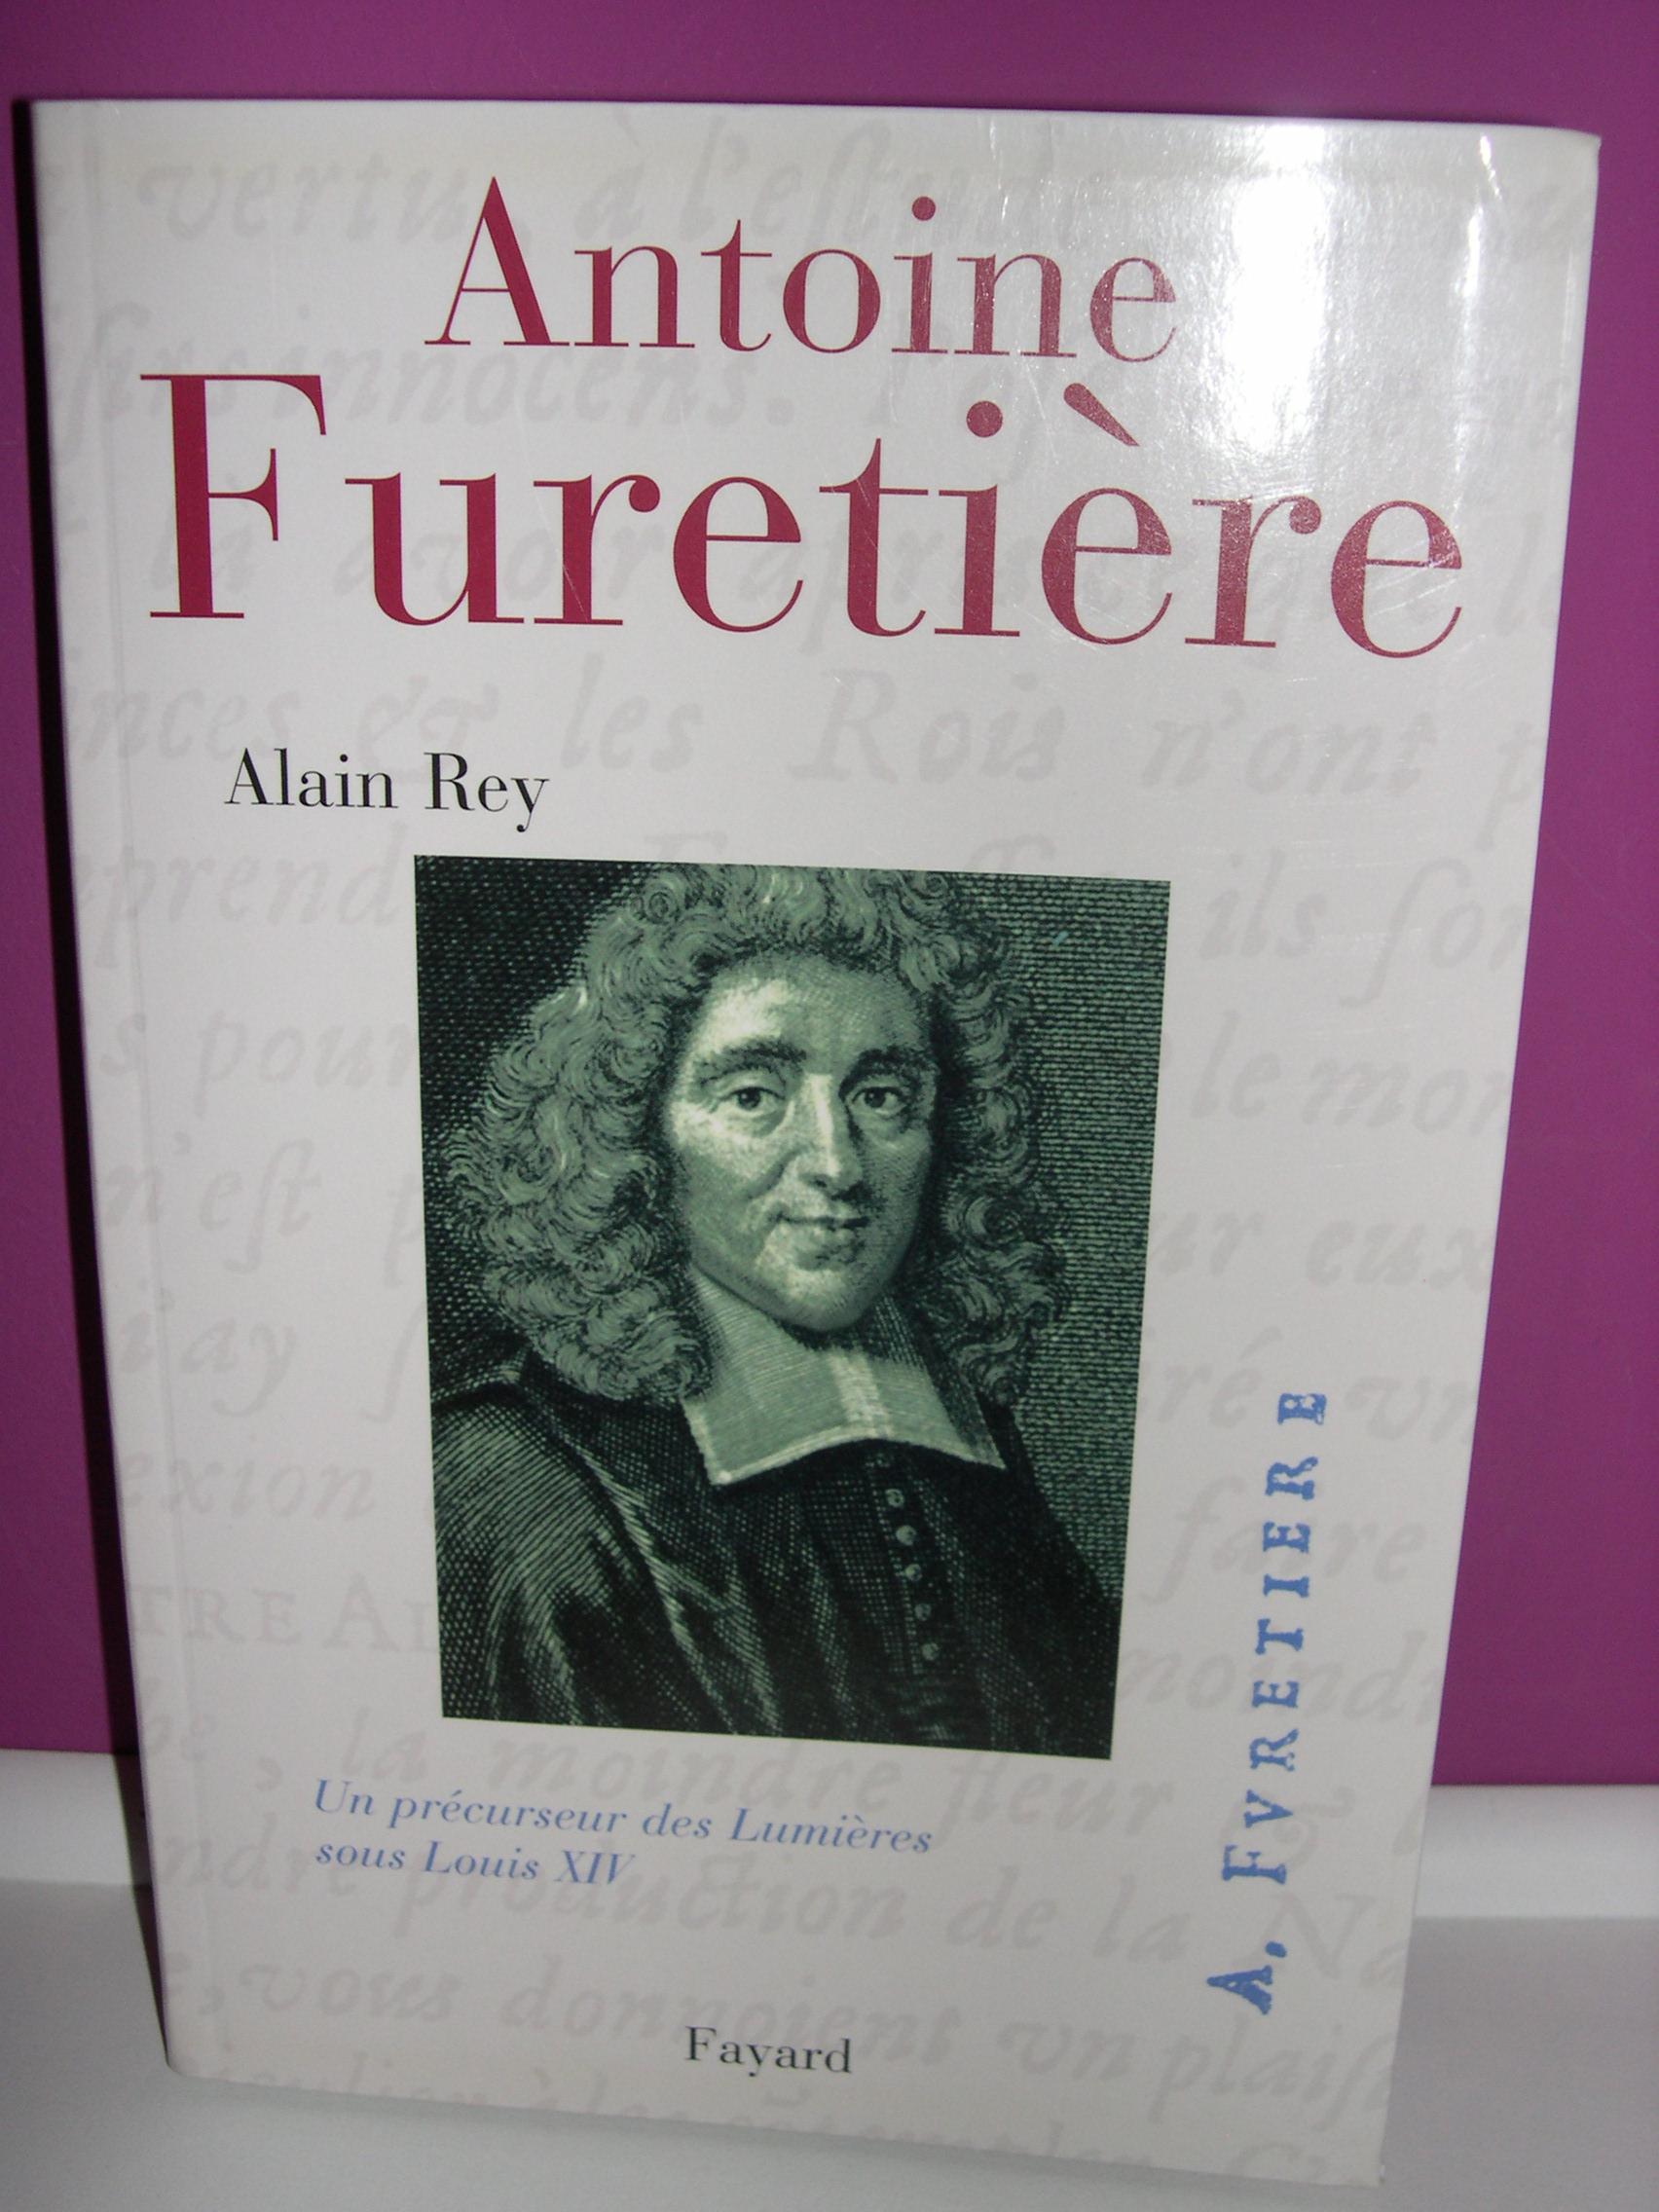 Littérature, Romans, Contes, Essais : Antoine Furetière